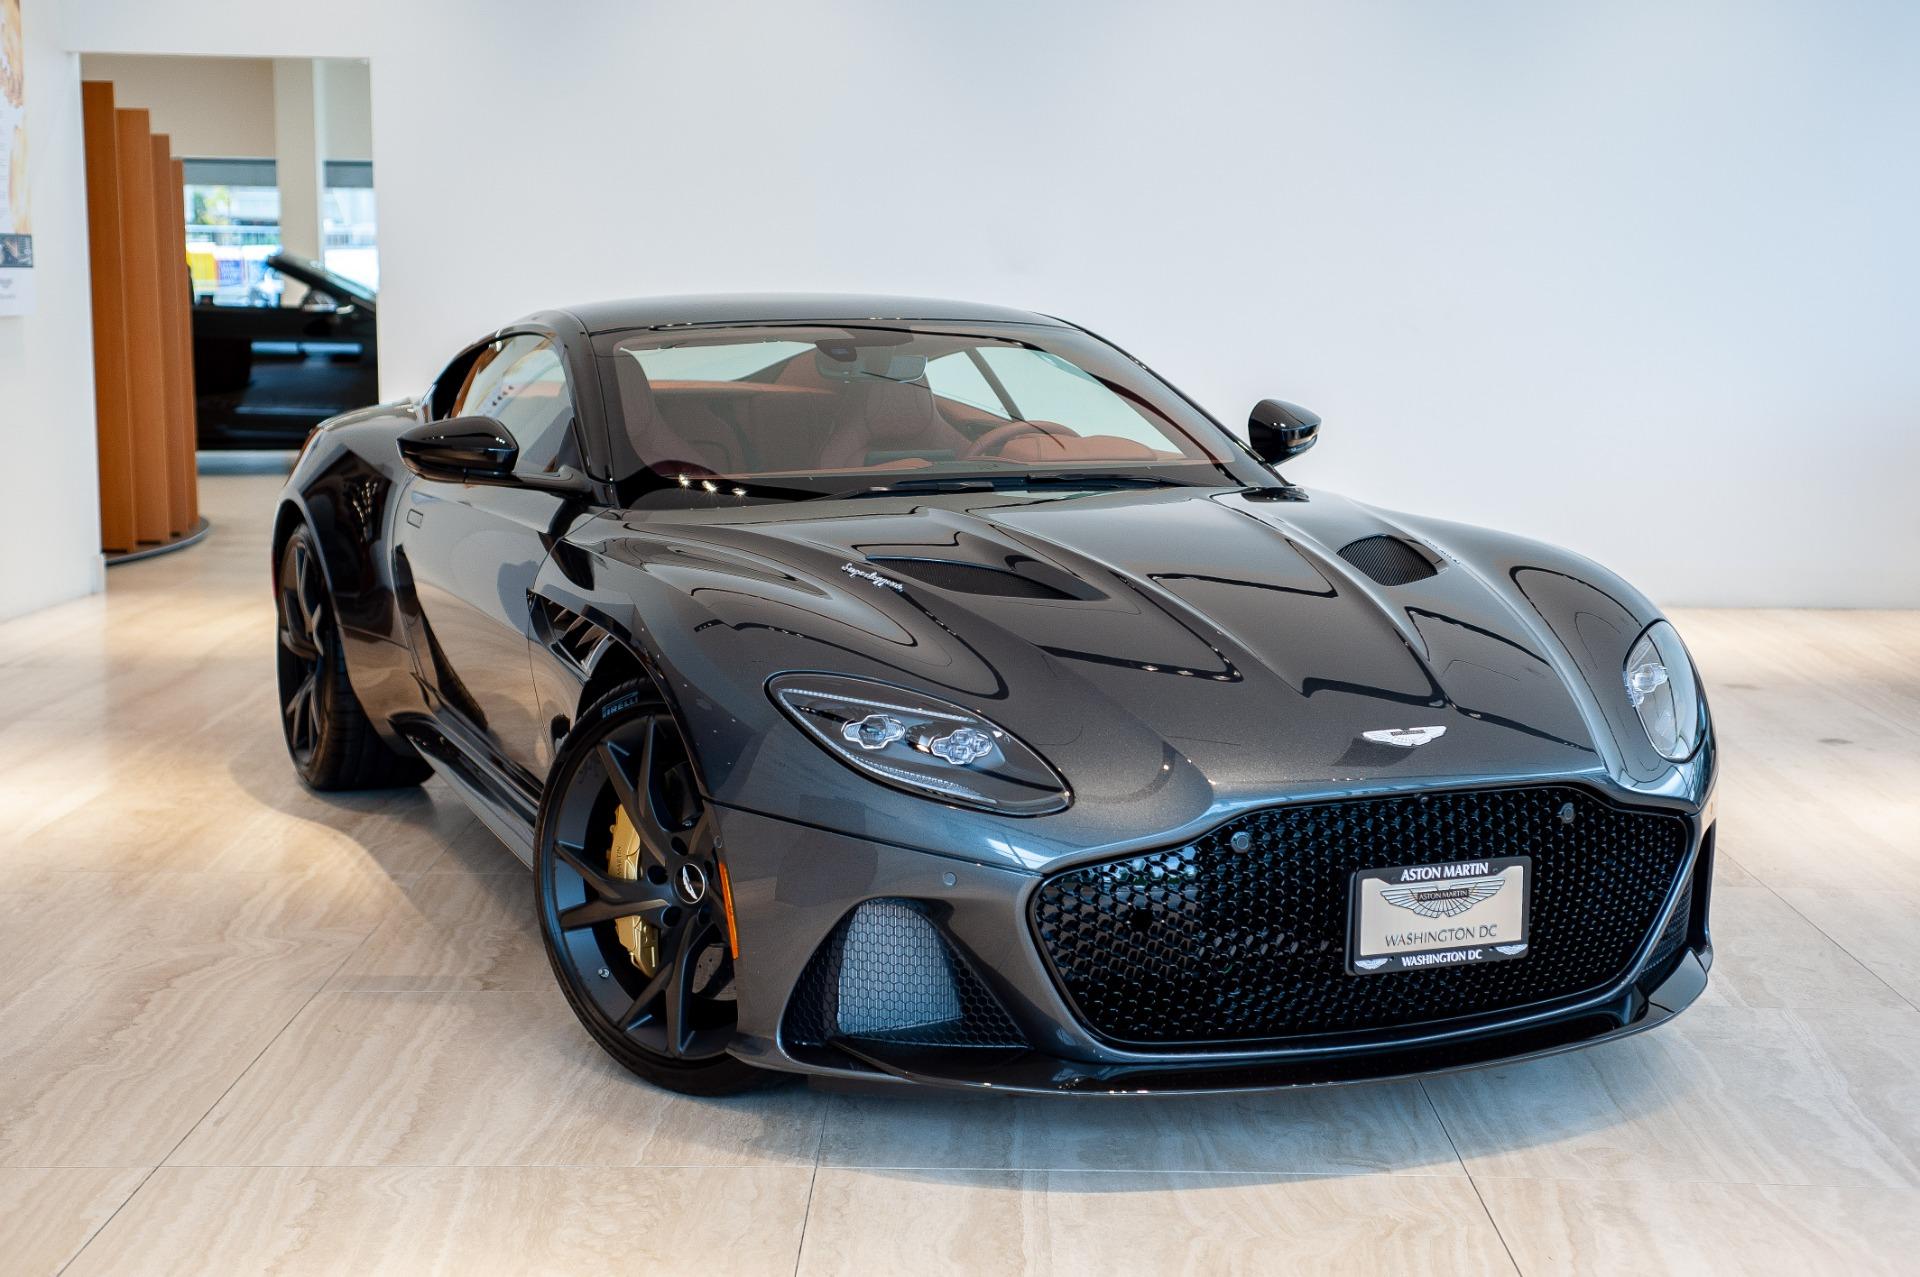 Aston Martin Dbs Gt Zagato 6speedonline Porsche Forum And Luxury Car Resource